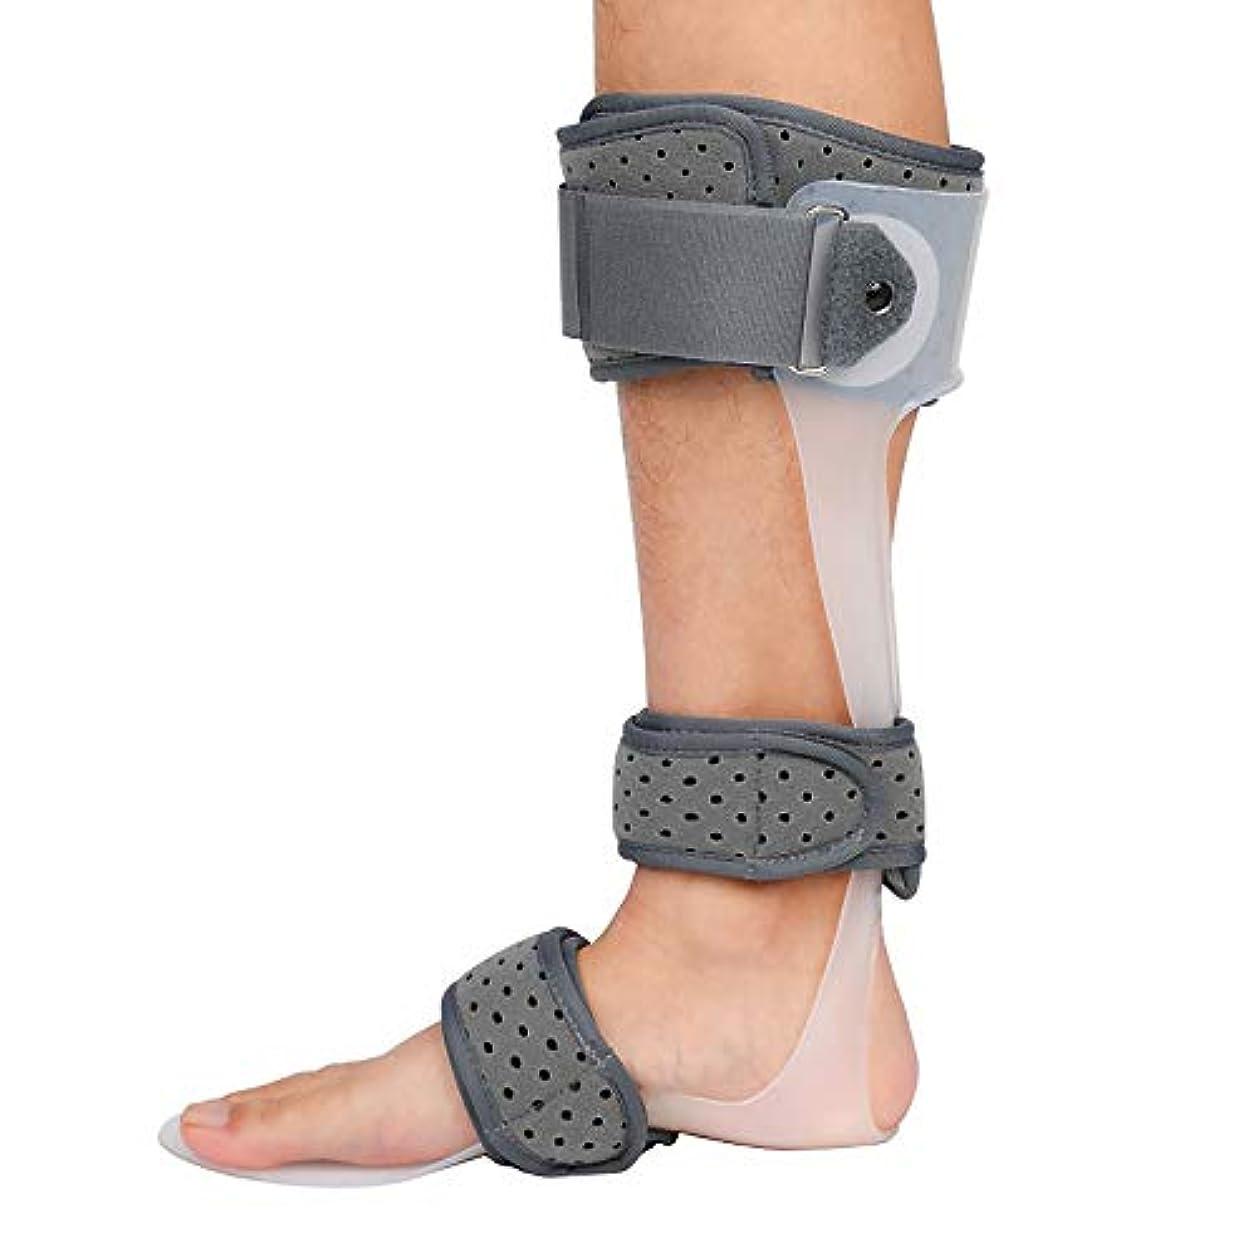 ピボット汗締め切り足首装具フットドロップブレース、足首スタビライザーブレース、足ドロップ副木、足首保護用補正ブレース